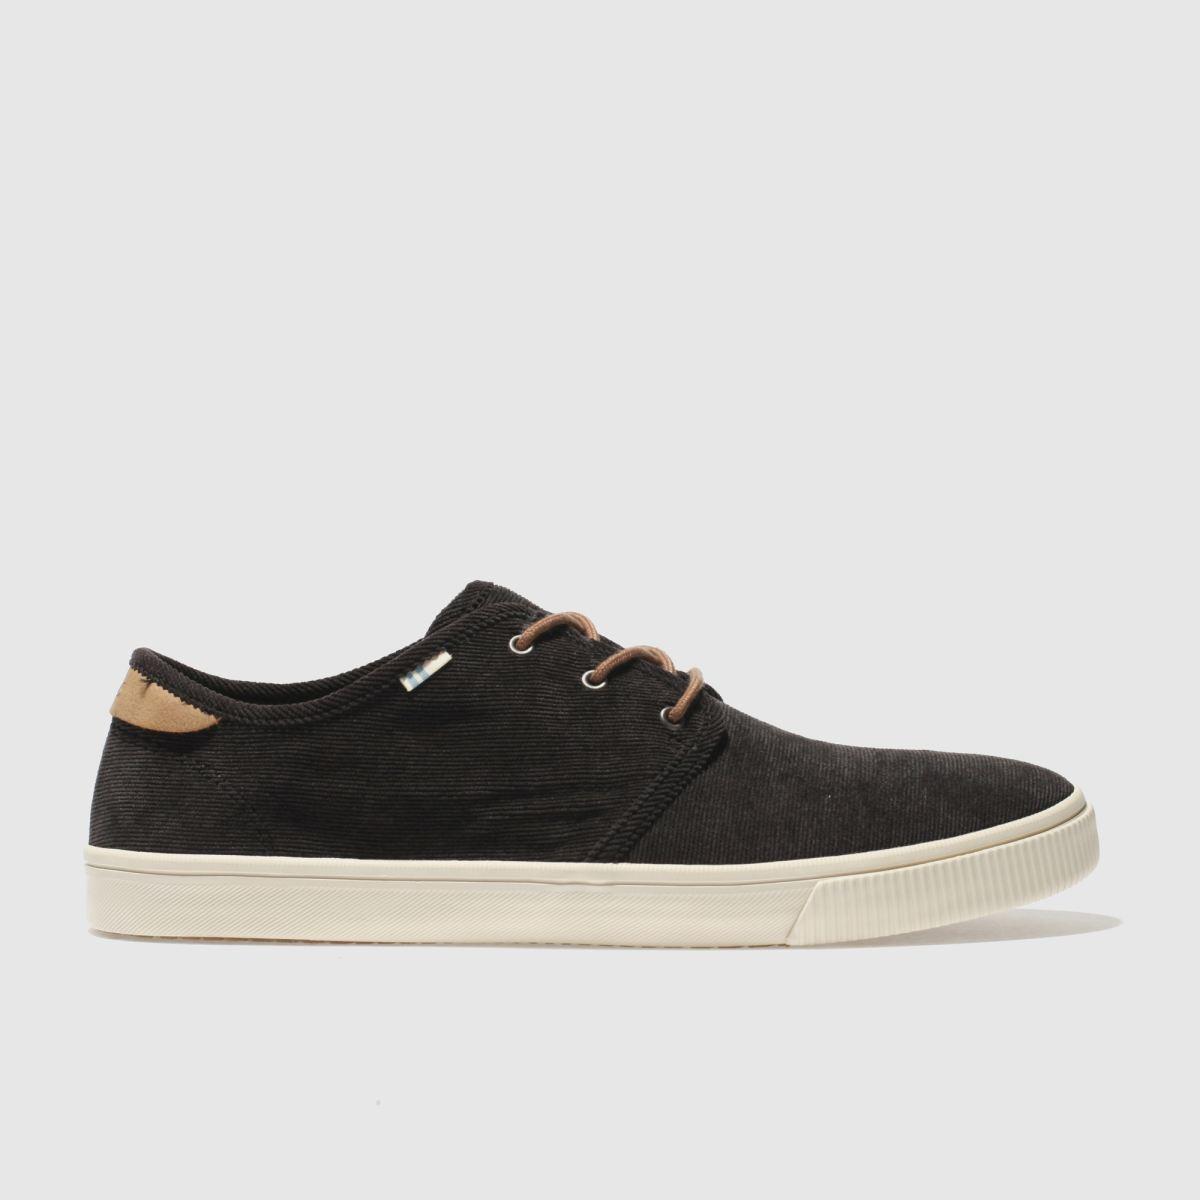 b49d995ce33 Toms Black   Brown Carlo Shoes